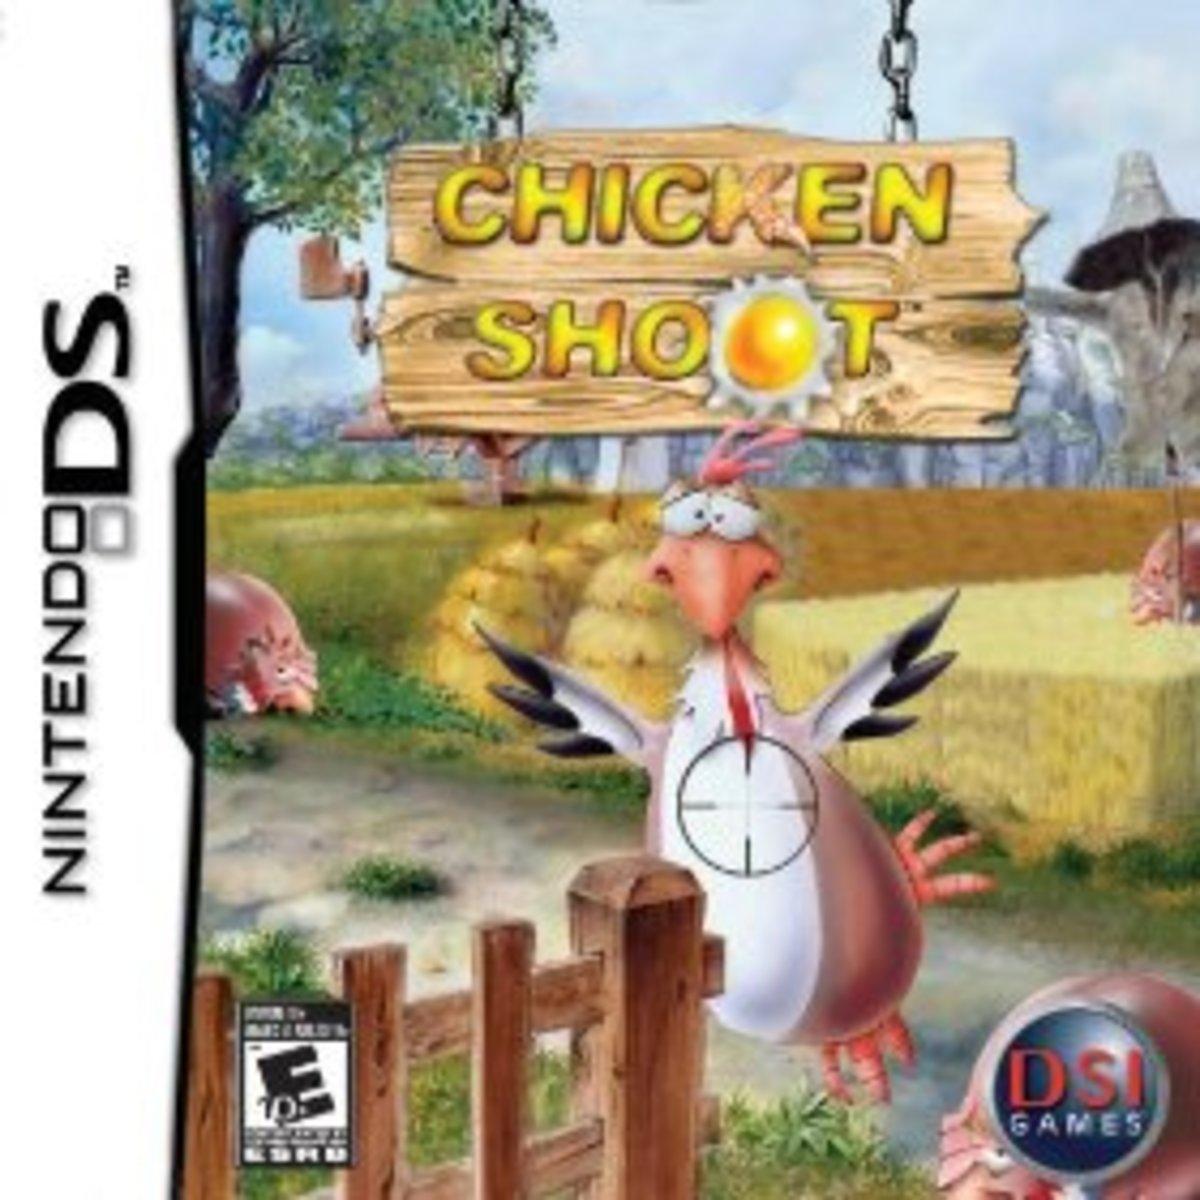 Best Childrens DSi Game Chicken Shoot